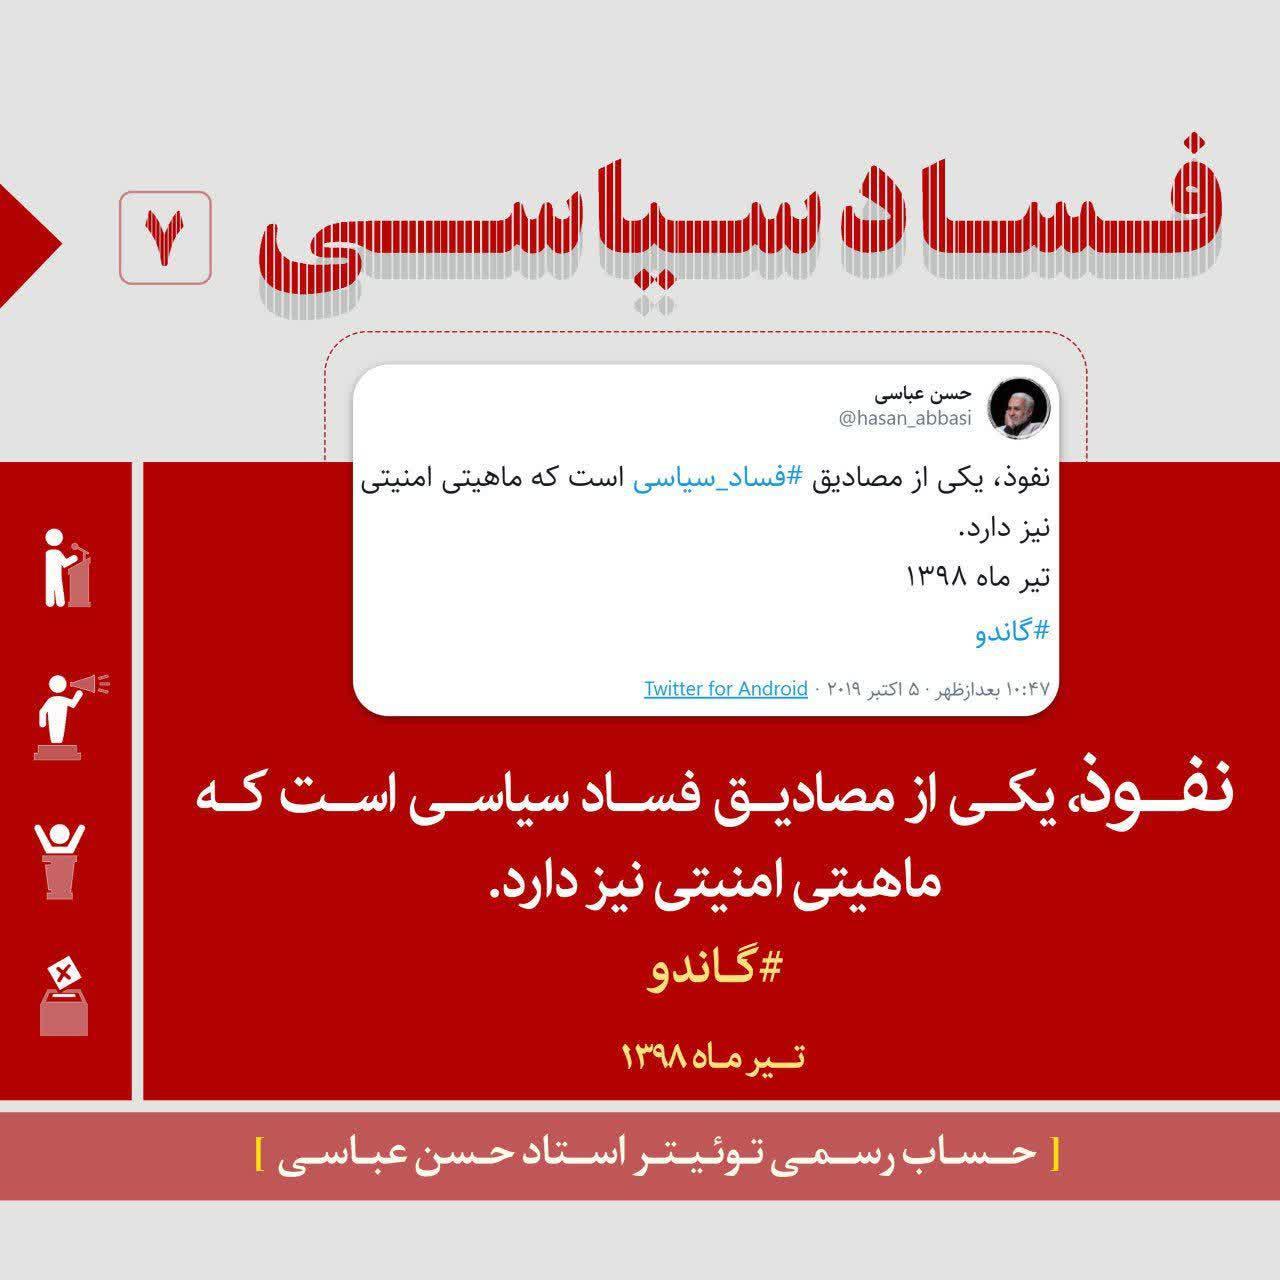 🔰 نفوذ، یکی از مصادیق #فساد_سیاسی است که ماهیتی امنیتی نیز دارد.